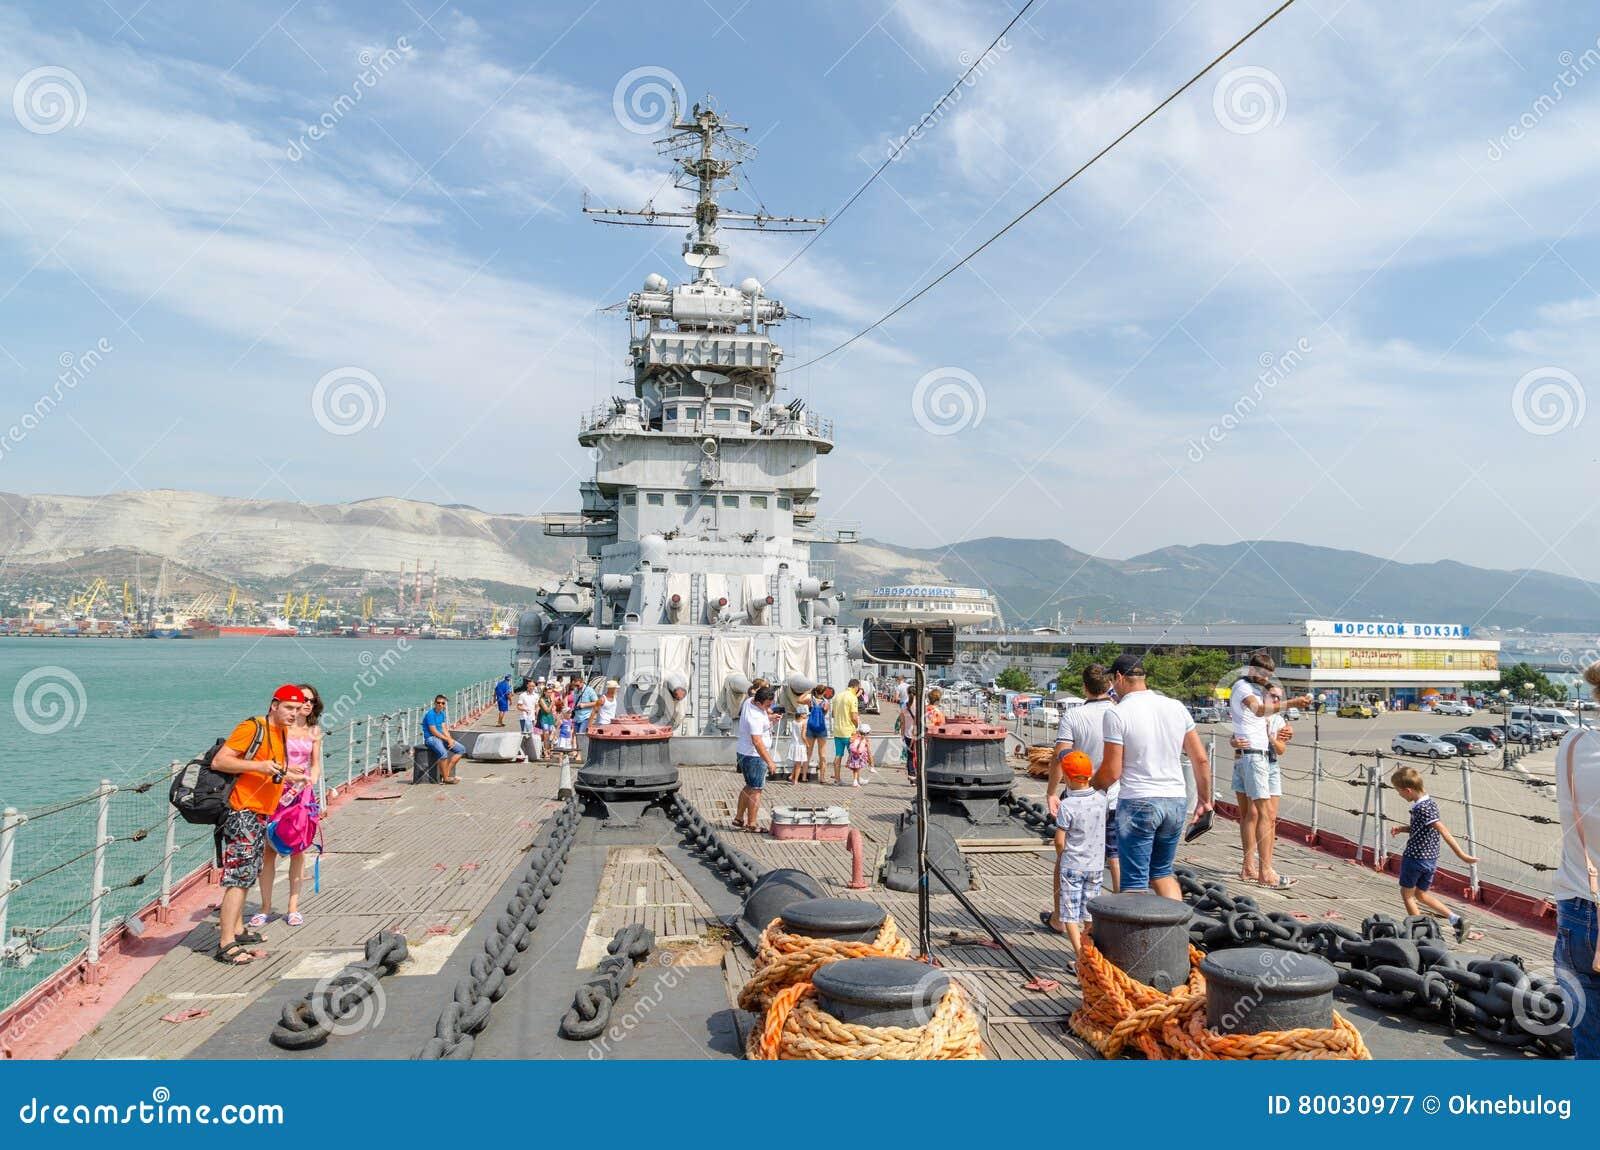 Novorossiysk Toeristen op het dek van de kruiser Mikhail Kutuzo